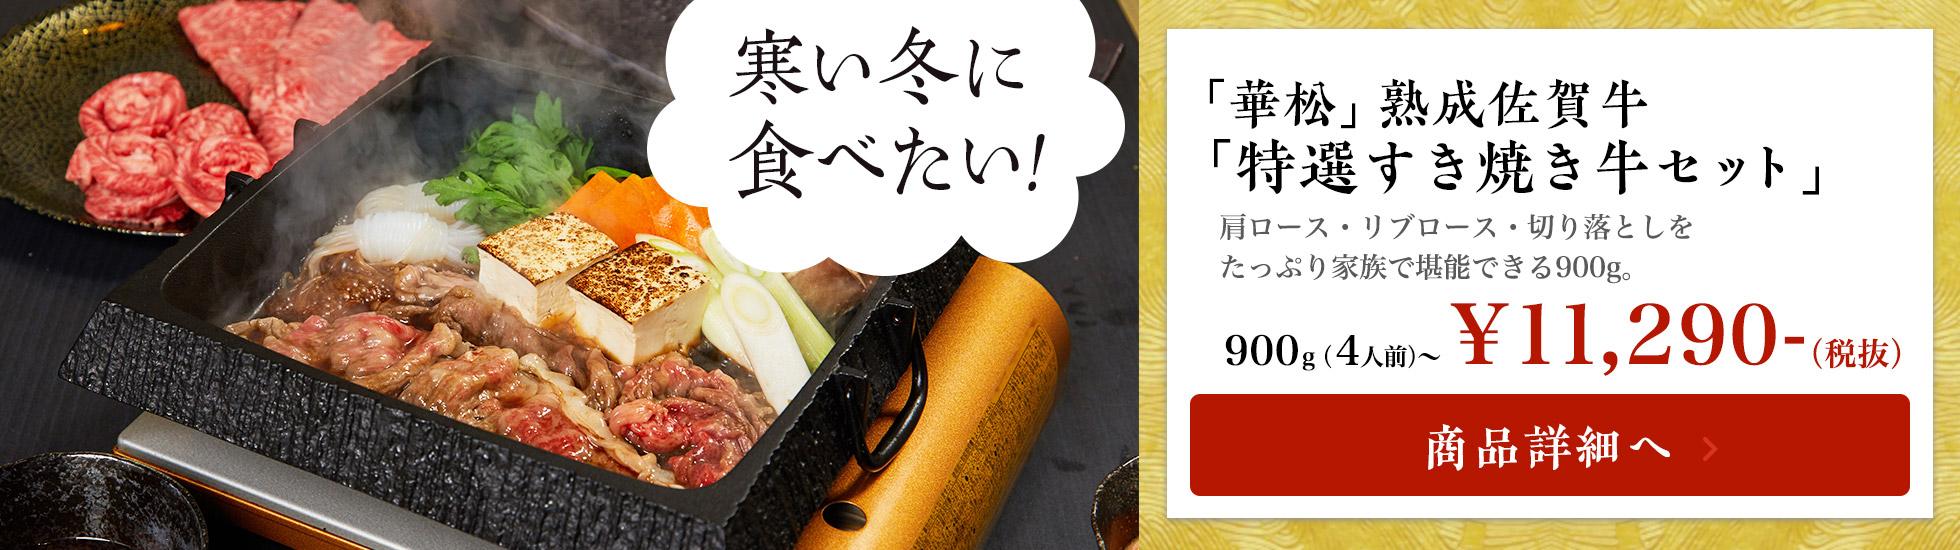 寒い冬に食べたい!すき焼きセット